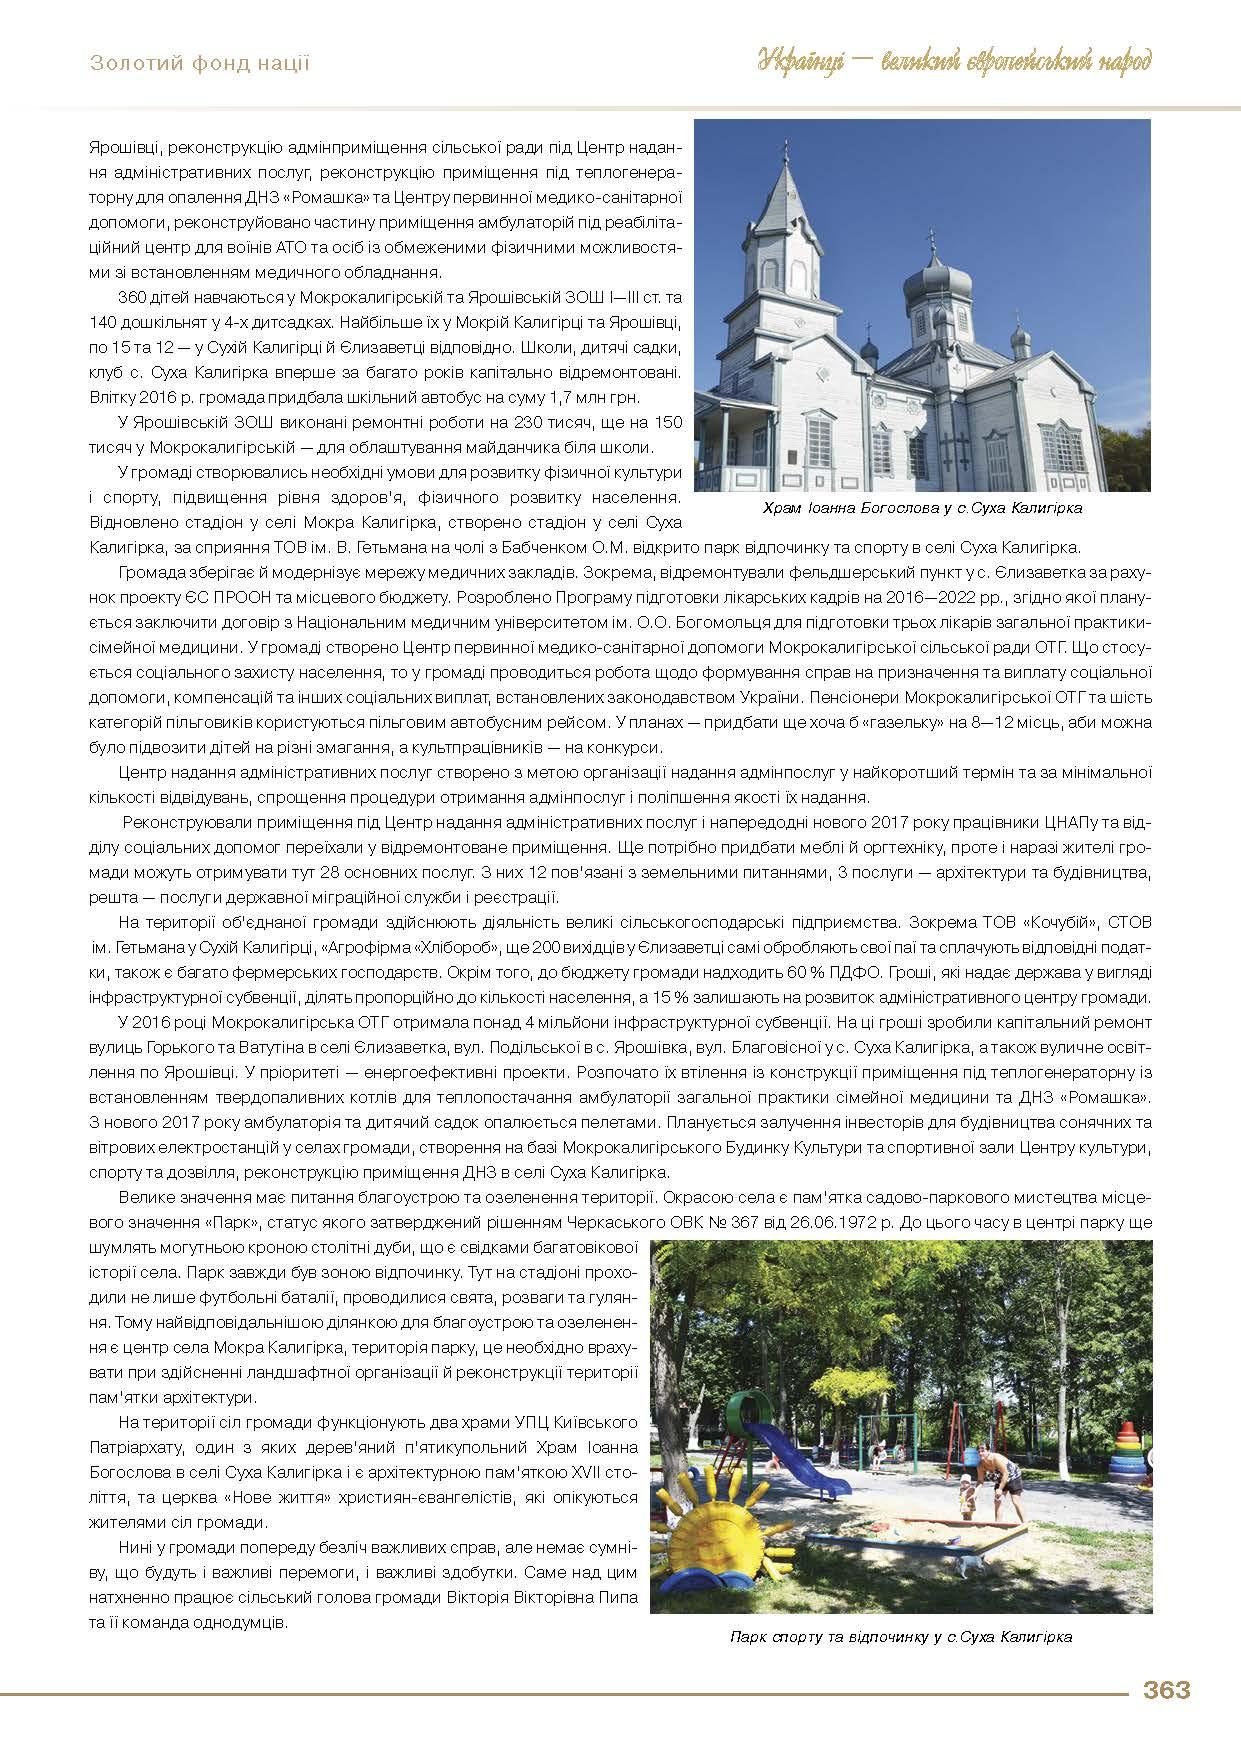 Мокрокалигірська об'єднана територіальна громада - Пипа Вікторія Вікторівна